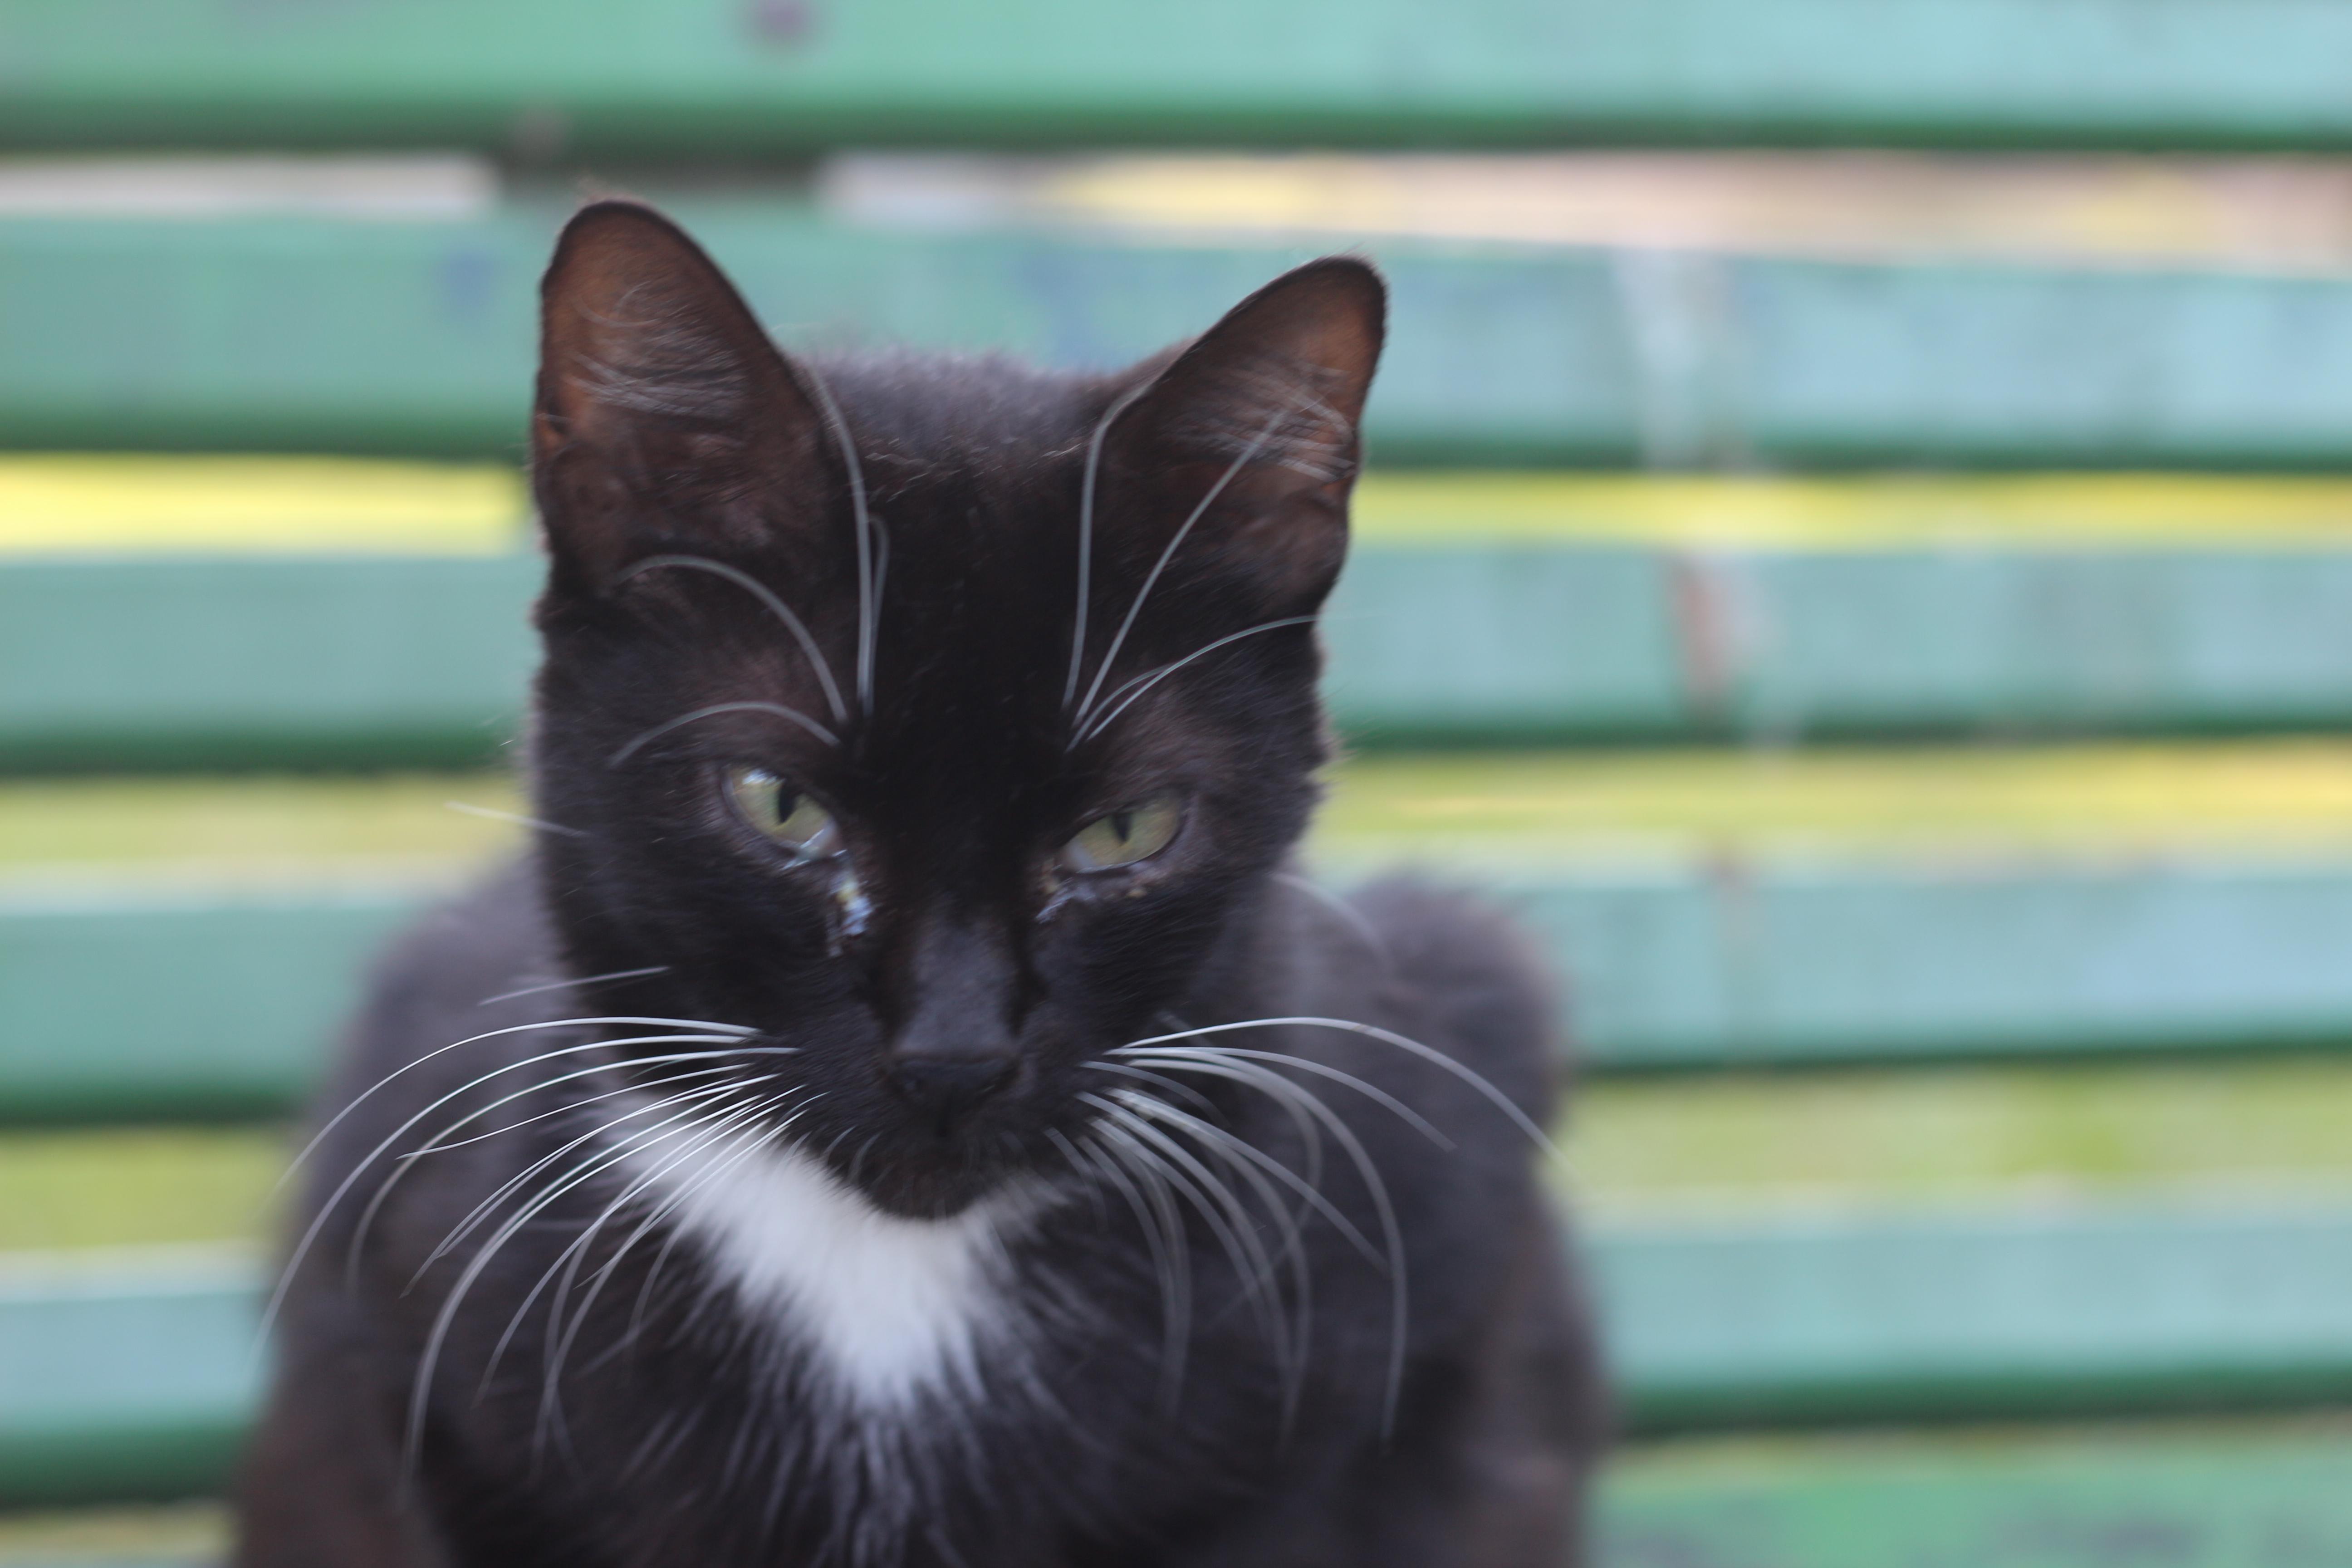 čierna mačička šírenie pic veľký péro Gangbang trubice